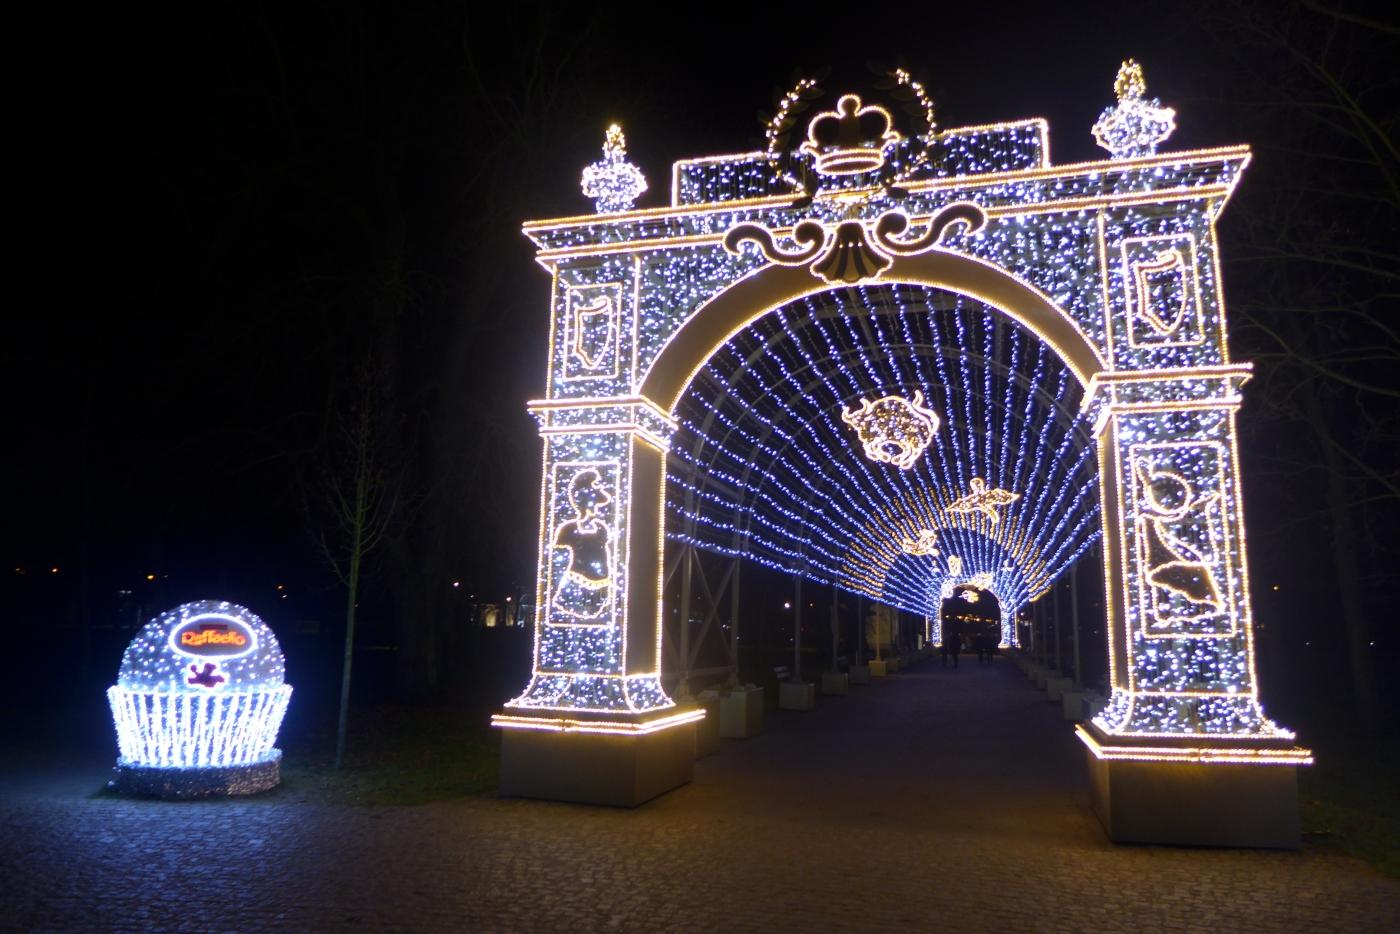 Królewski Ogród światła Wilanów Clepatches